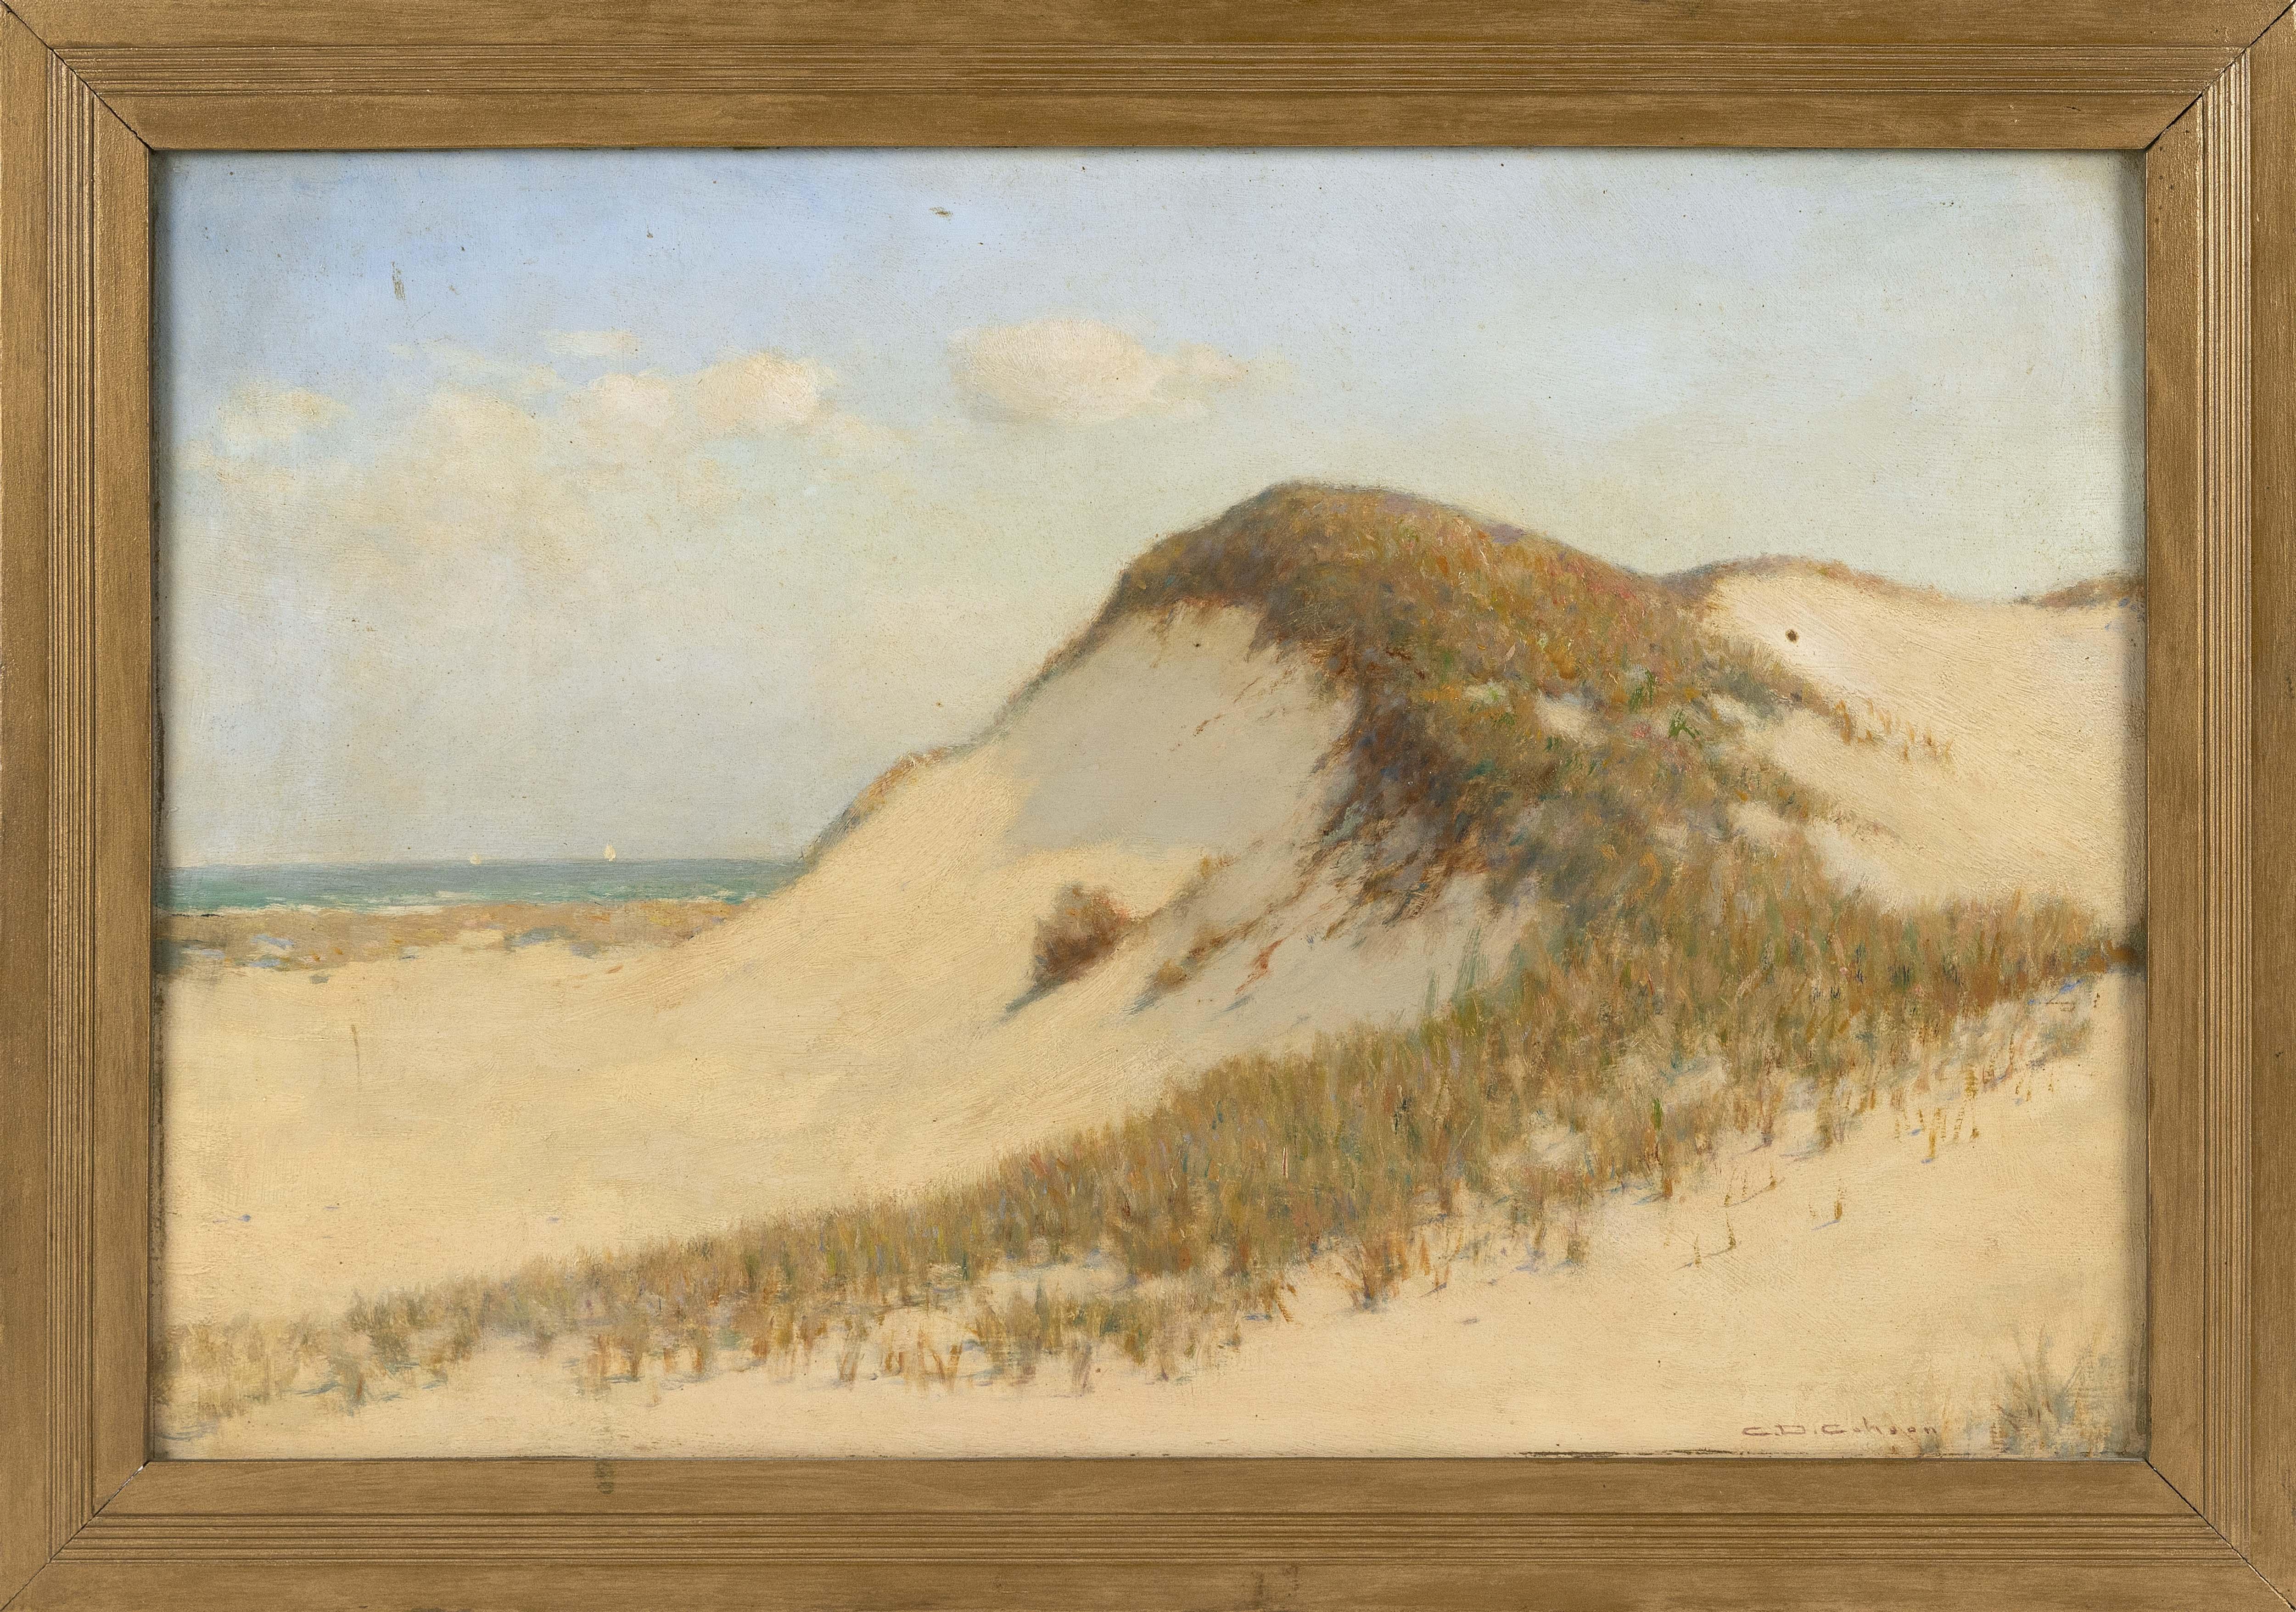 """CHARLES DREW CAHOON (Massachusetts, 1861-1951), Dune landscape., Oil on masonite, 17"""" x 25.75"""". Framed 20.5"""" x 29.5""""."""